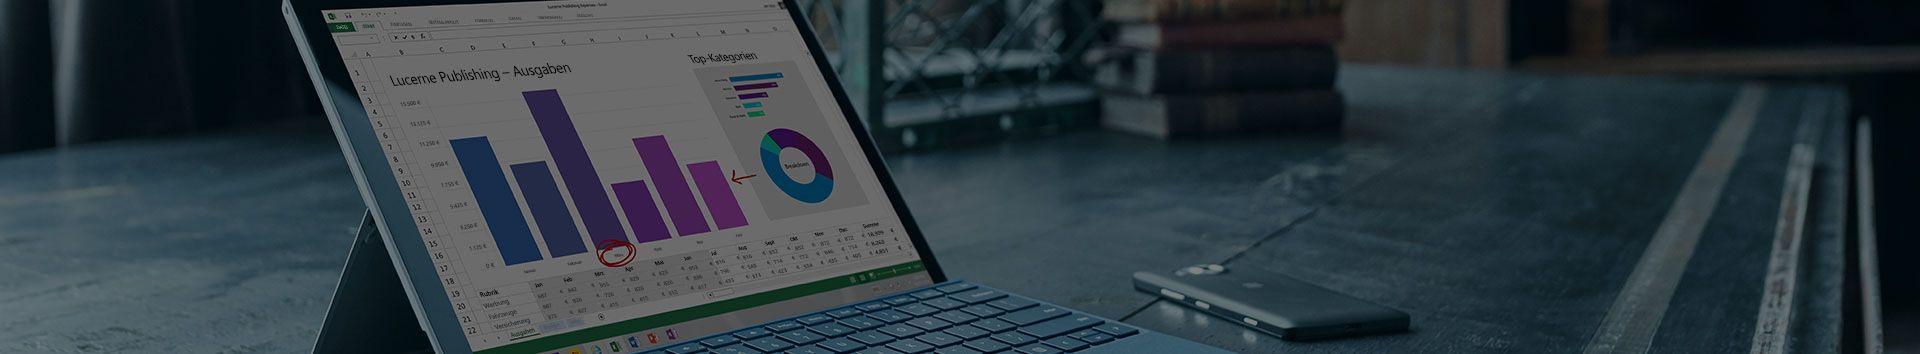 Microsoft Surface-Tablet mit einer Kostenaufstellung in Microsoft Excel